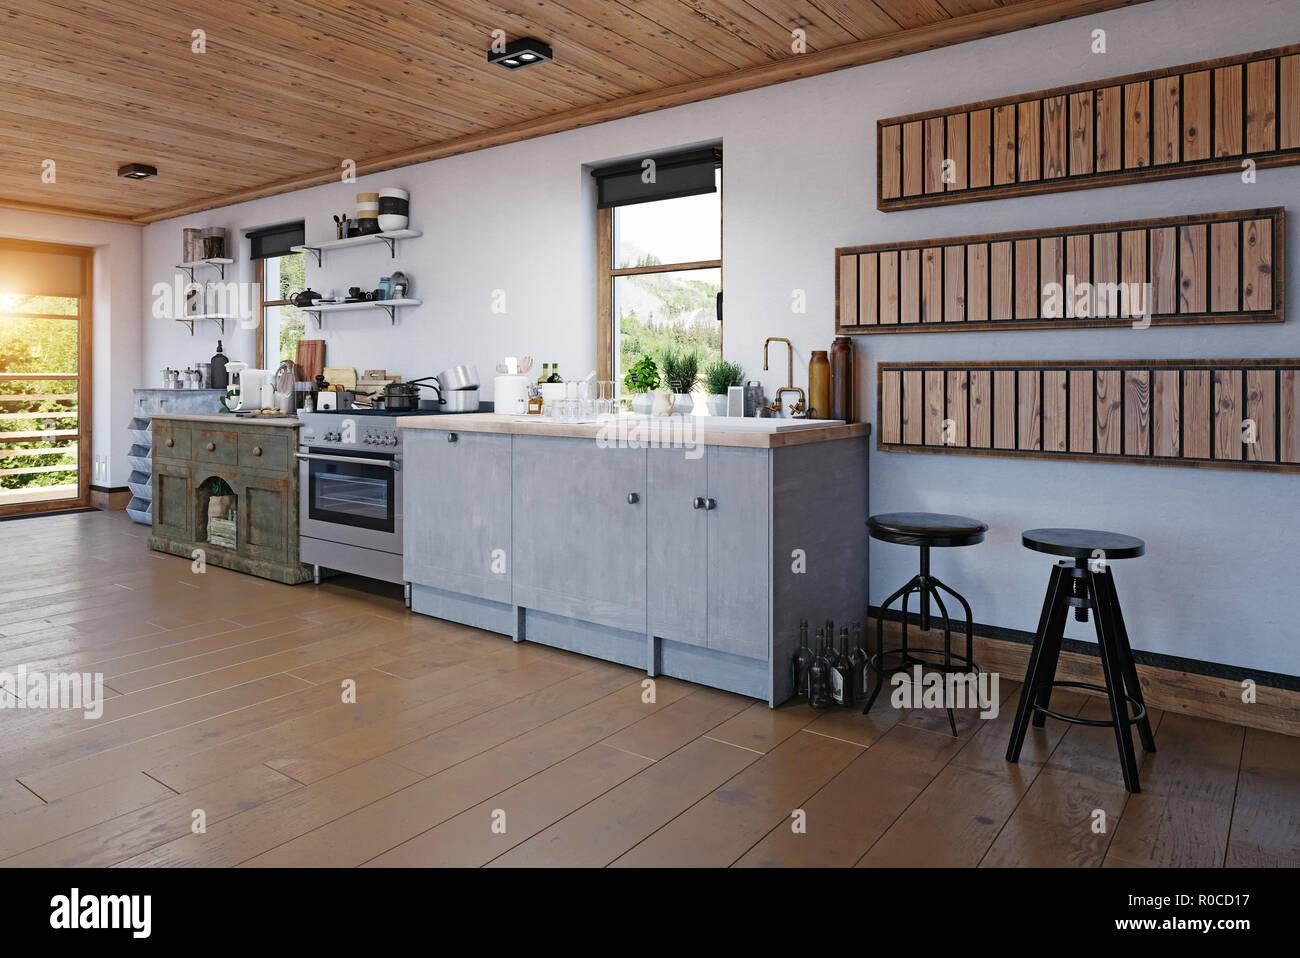 Möbel Möbel Design Möbel Haus Dachboden Haus ...